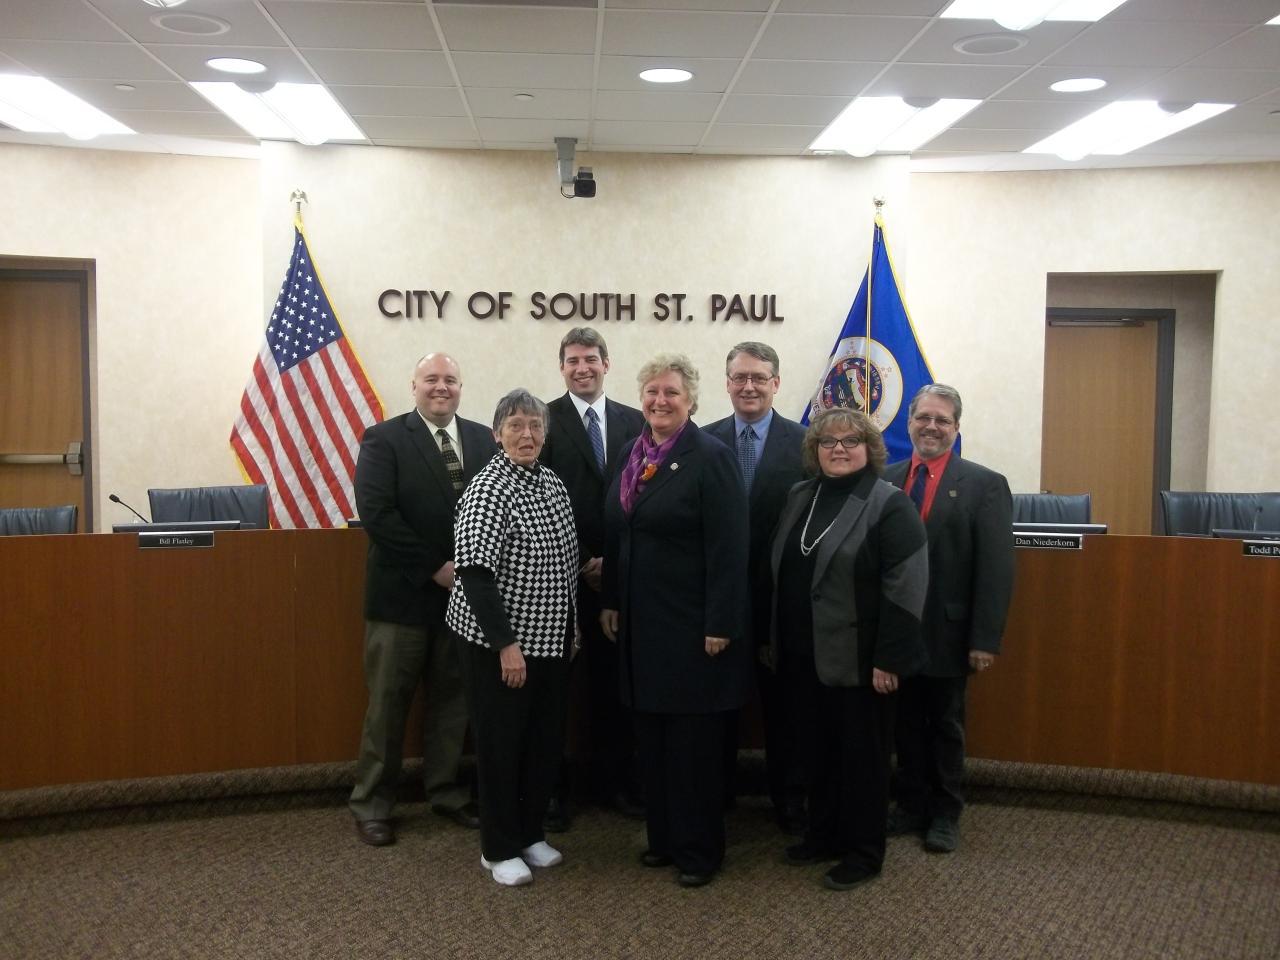 South St. Paul City Council